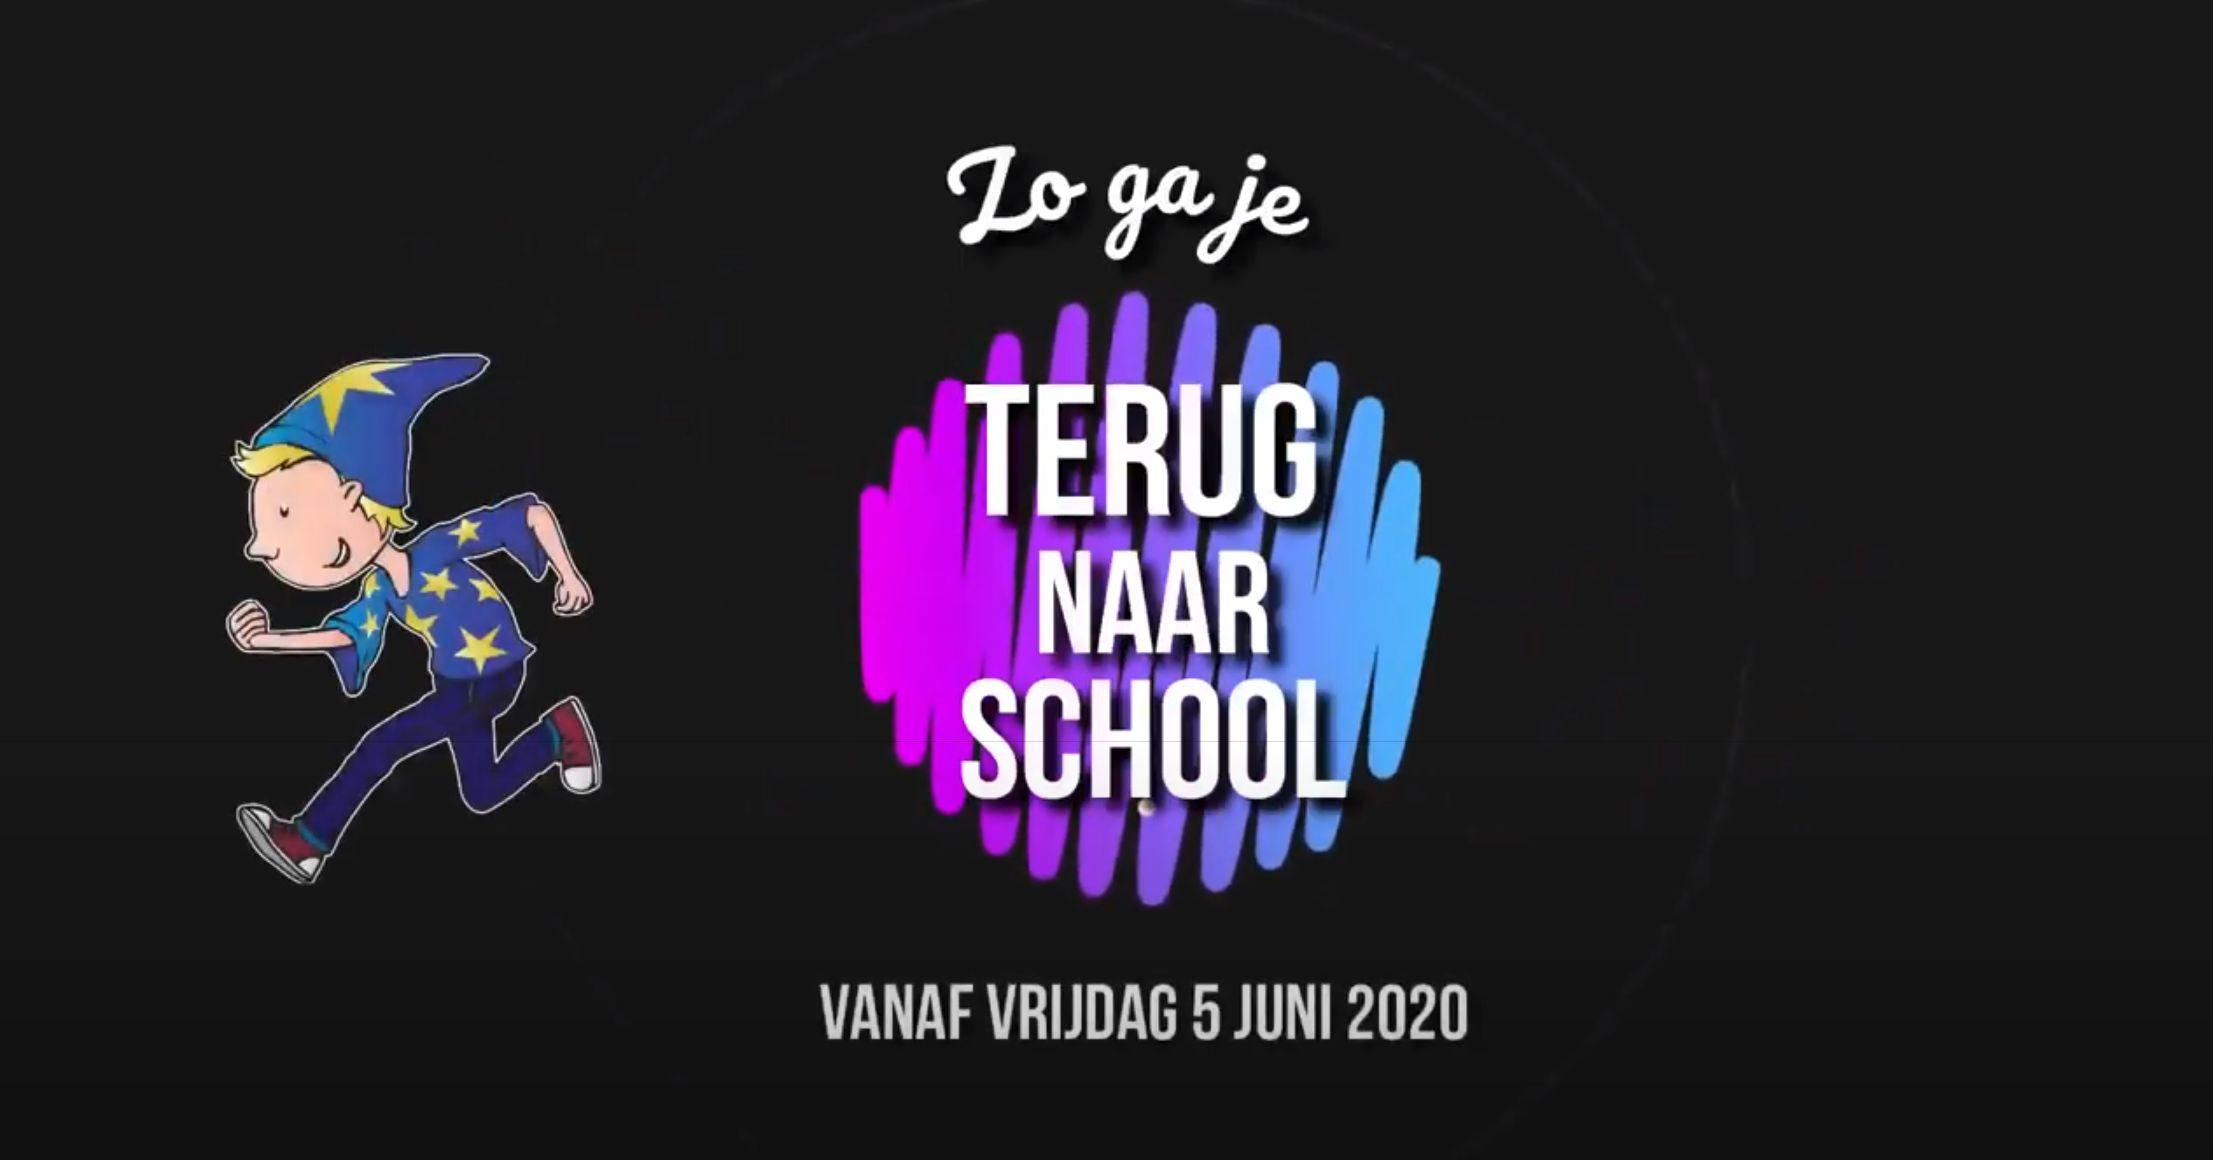 Terug naar school! – 4A-C & 6de leerjaar